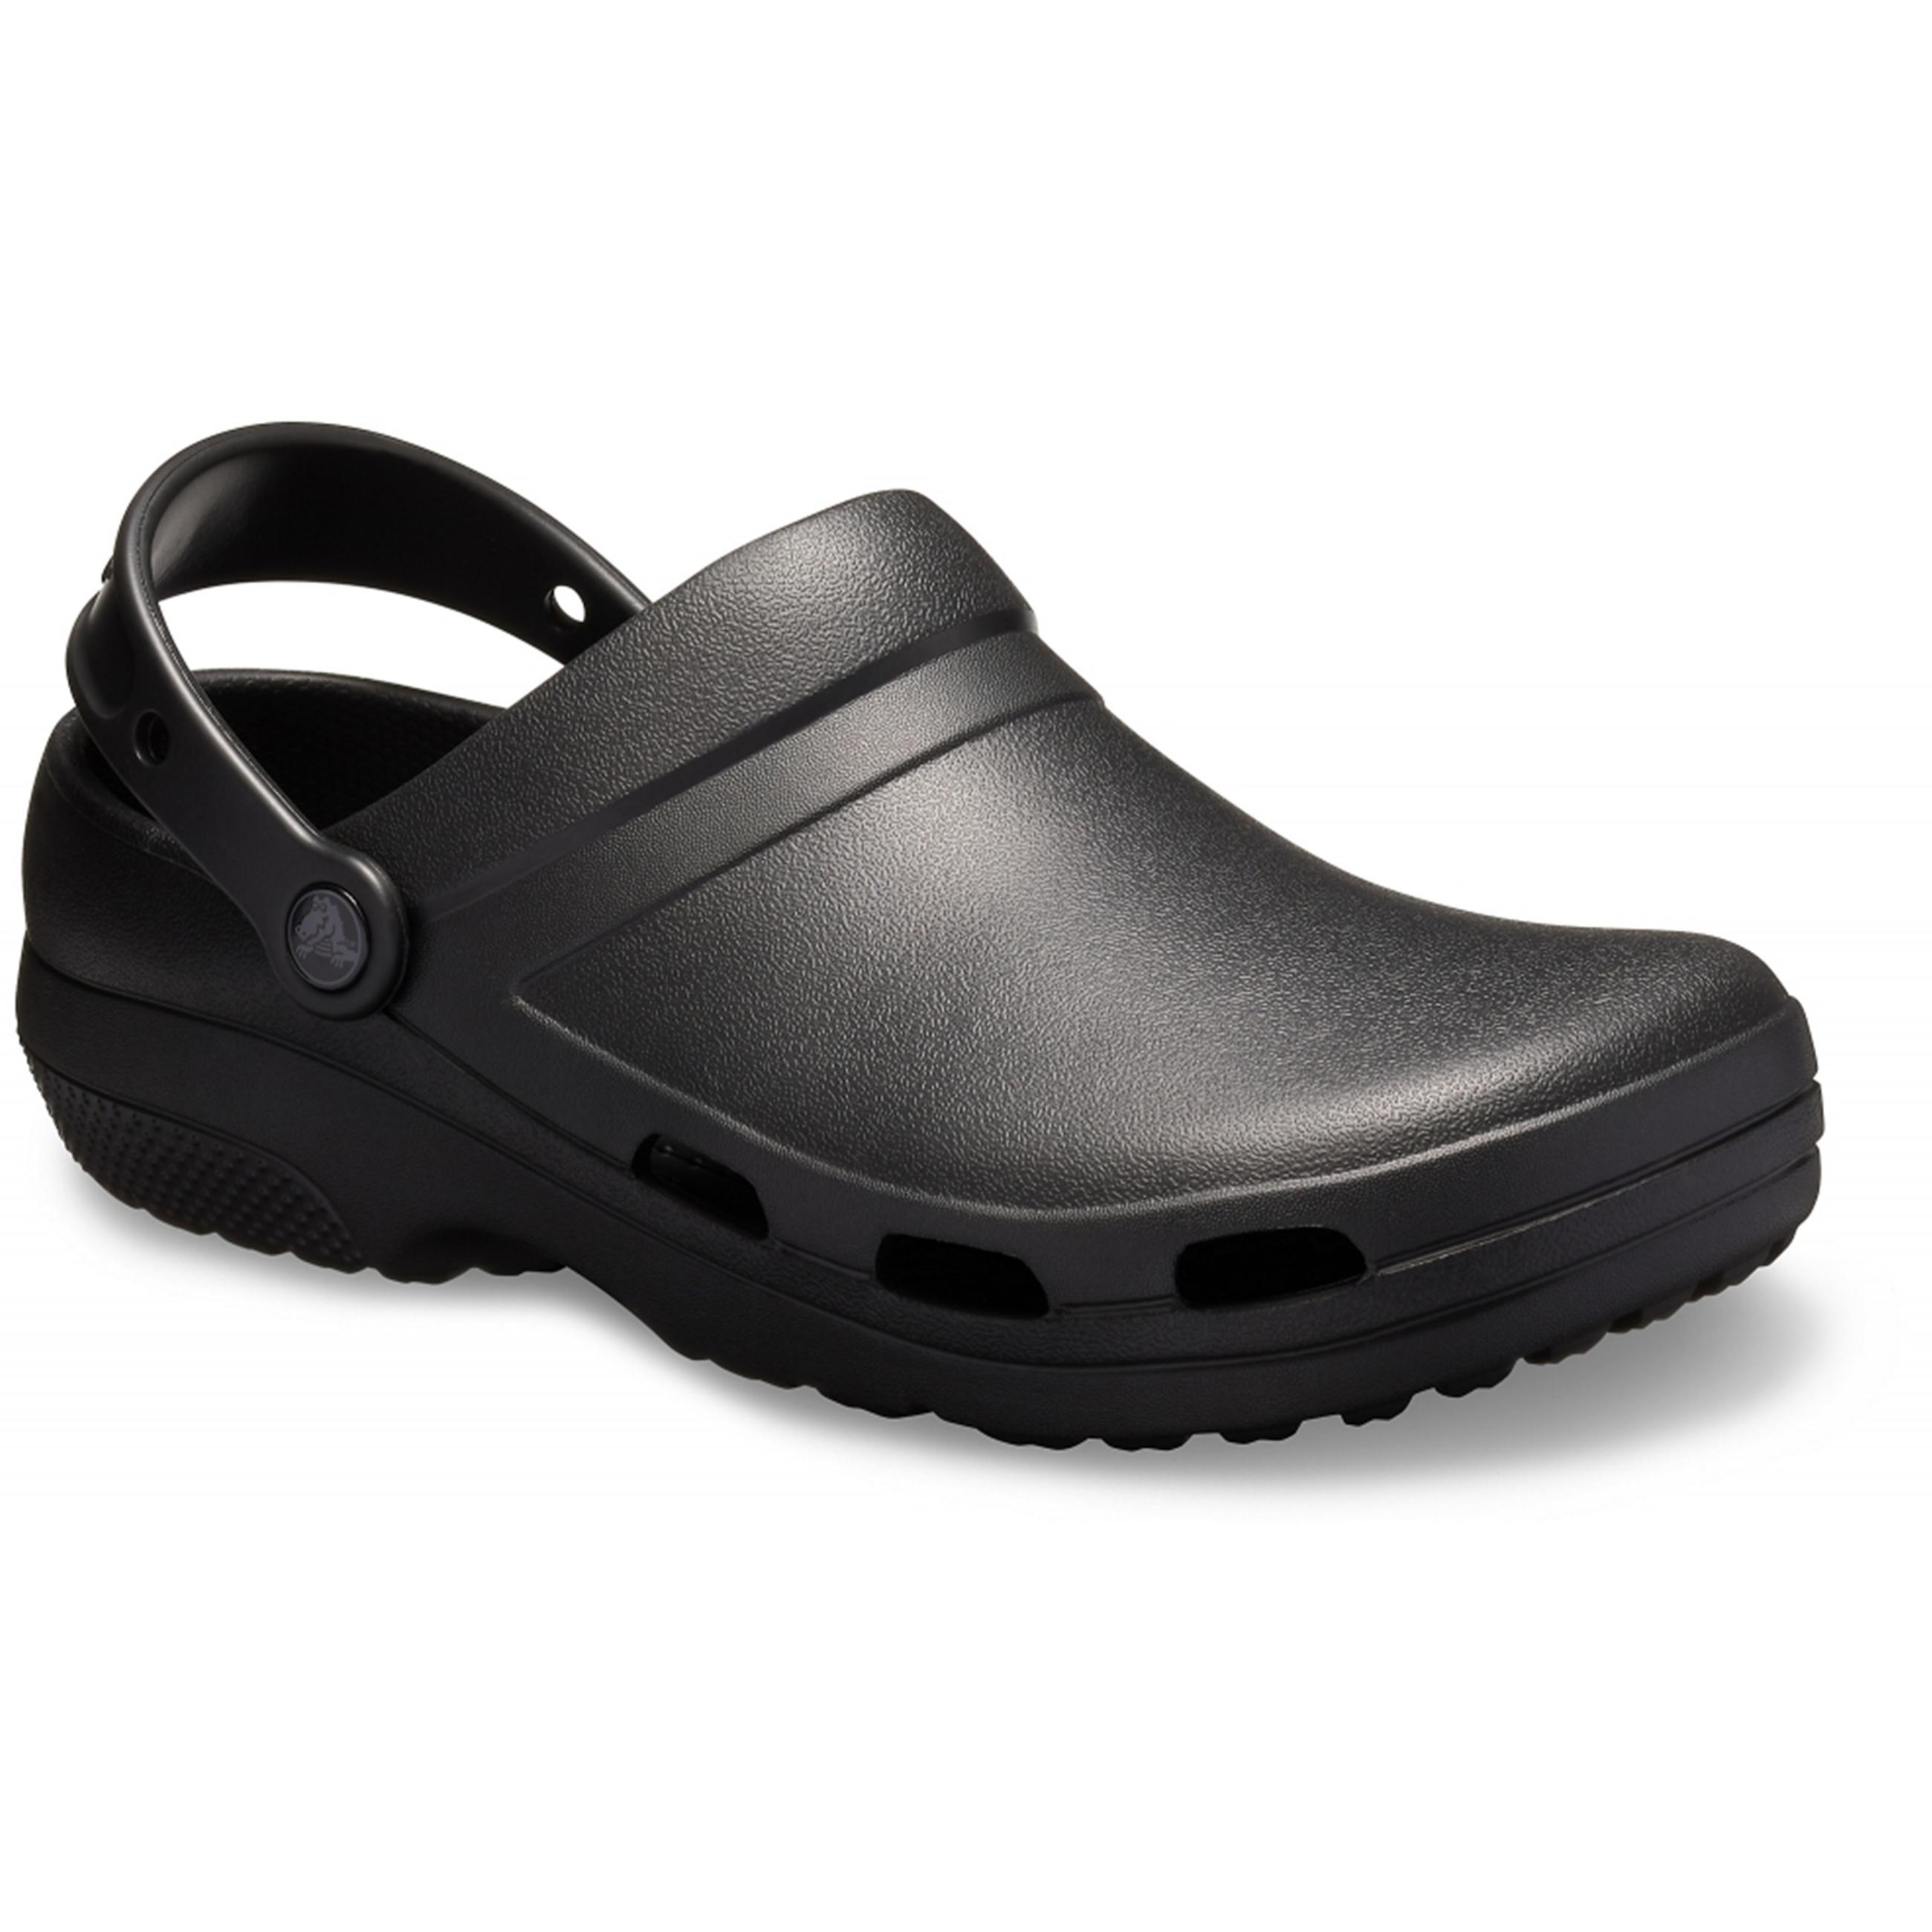 크록스 스페셜 리스트 2 신발 205619